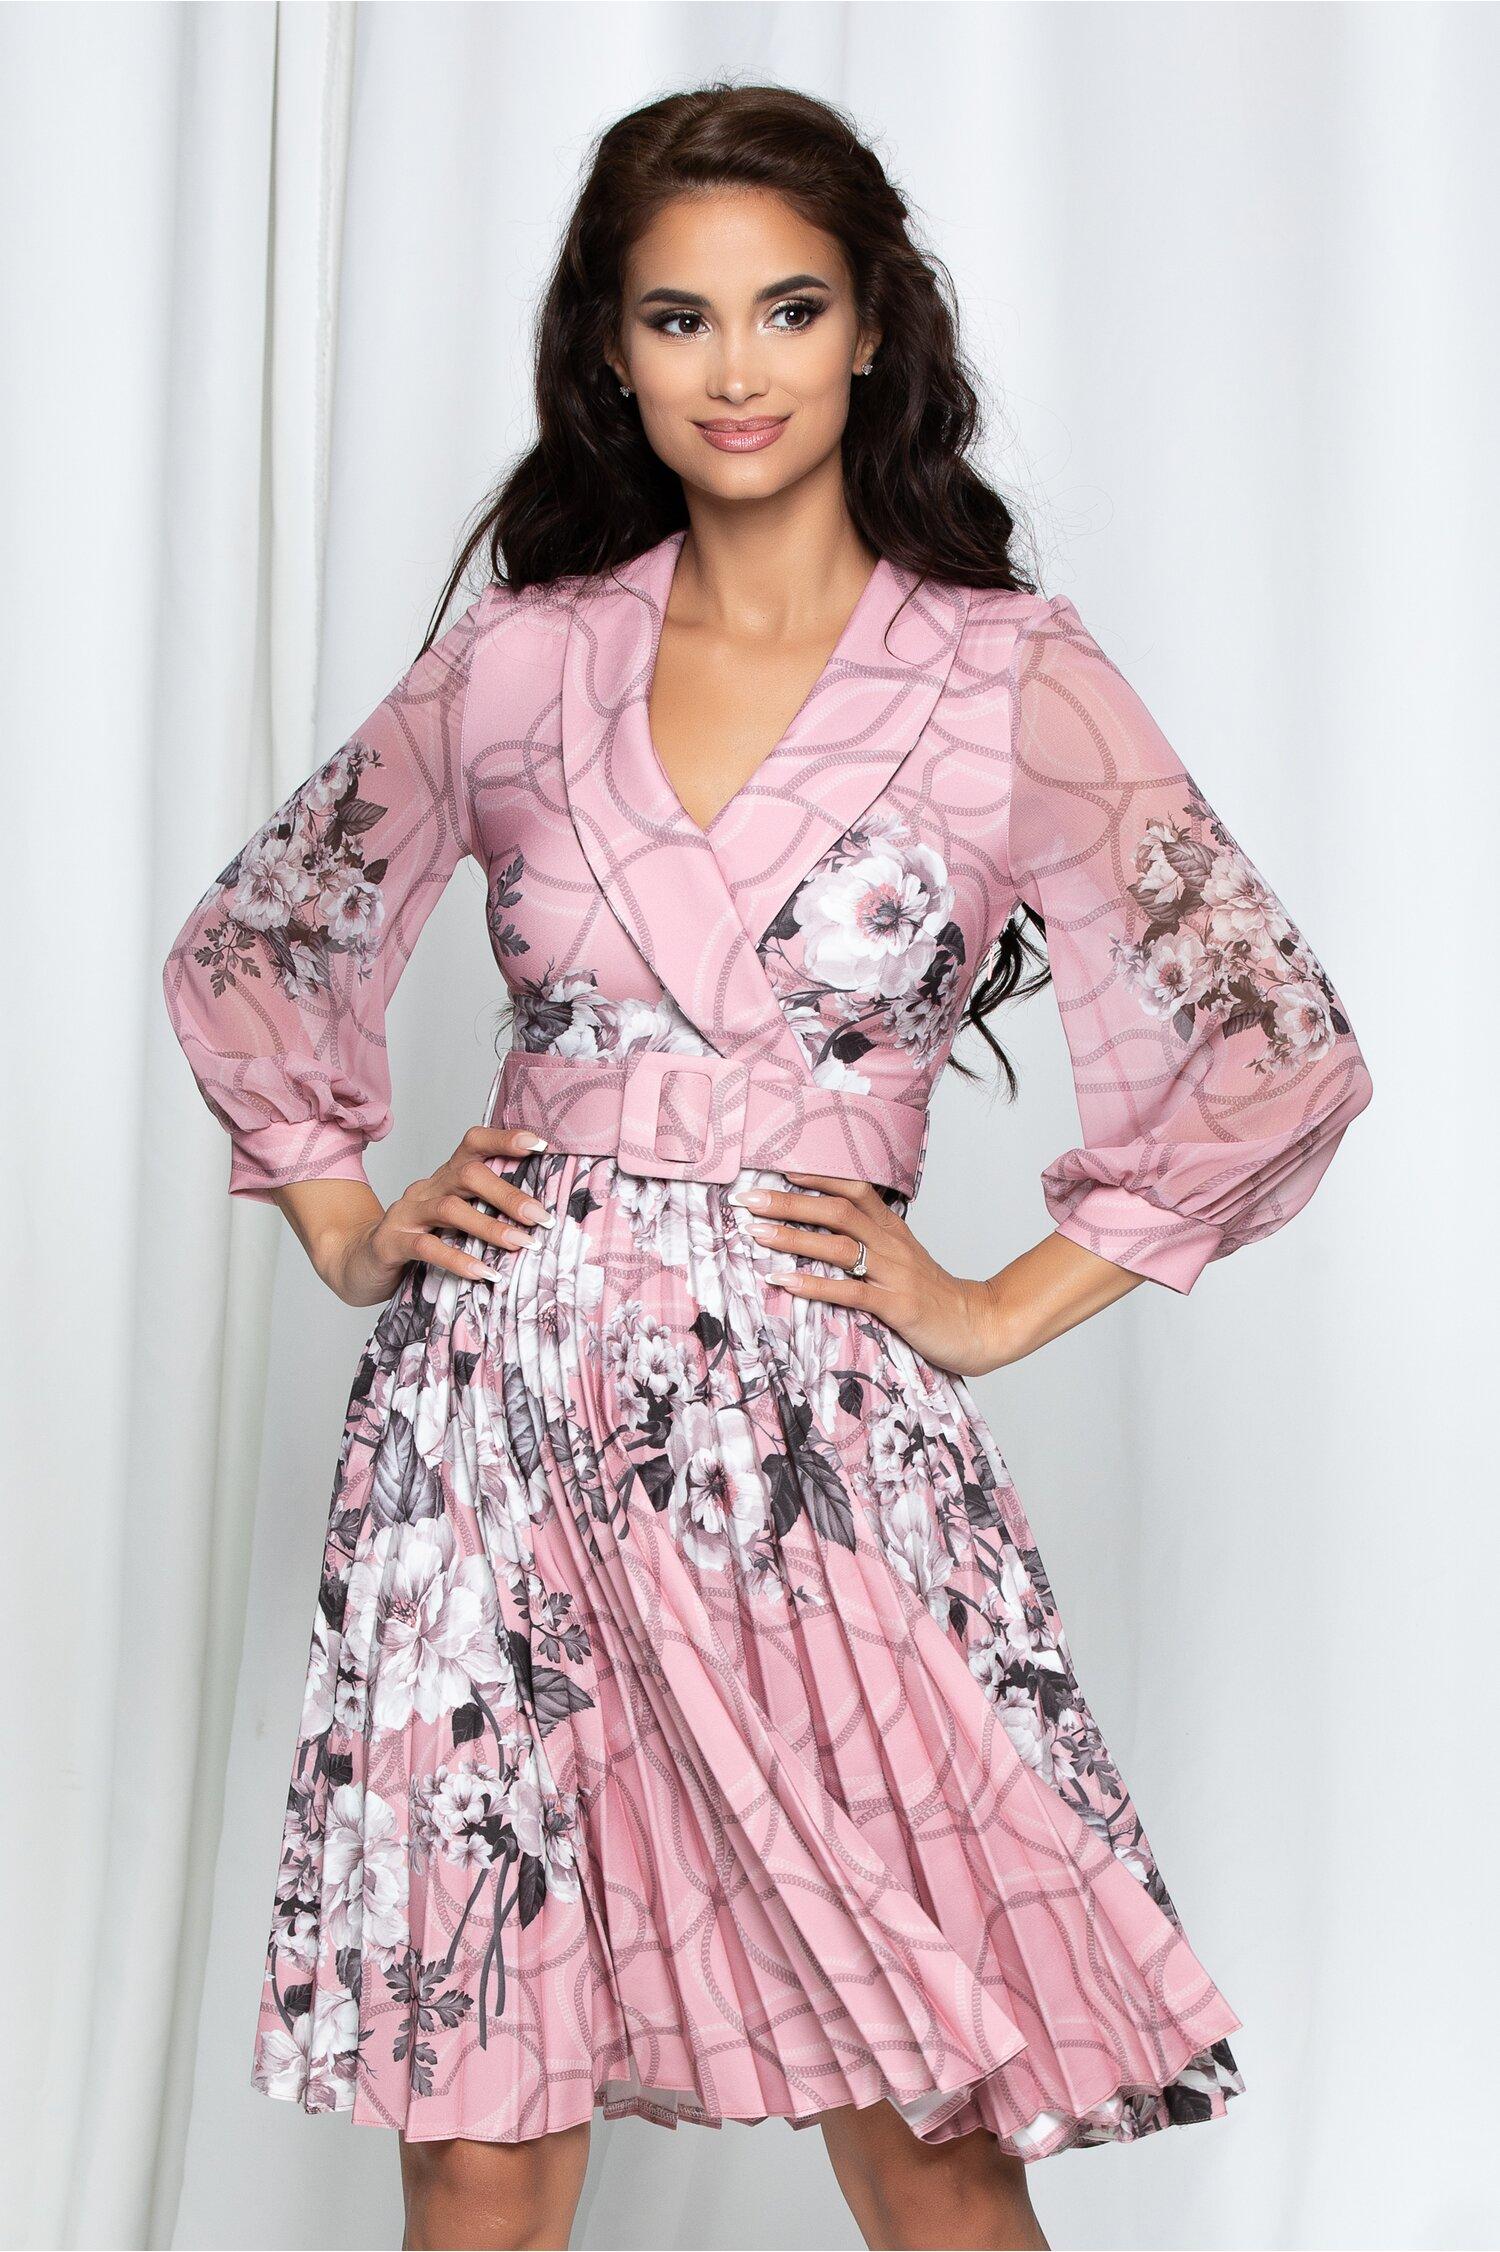 Rochie Amalia roz cu imprimeu floral si curea in ton cu rochia